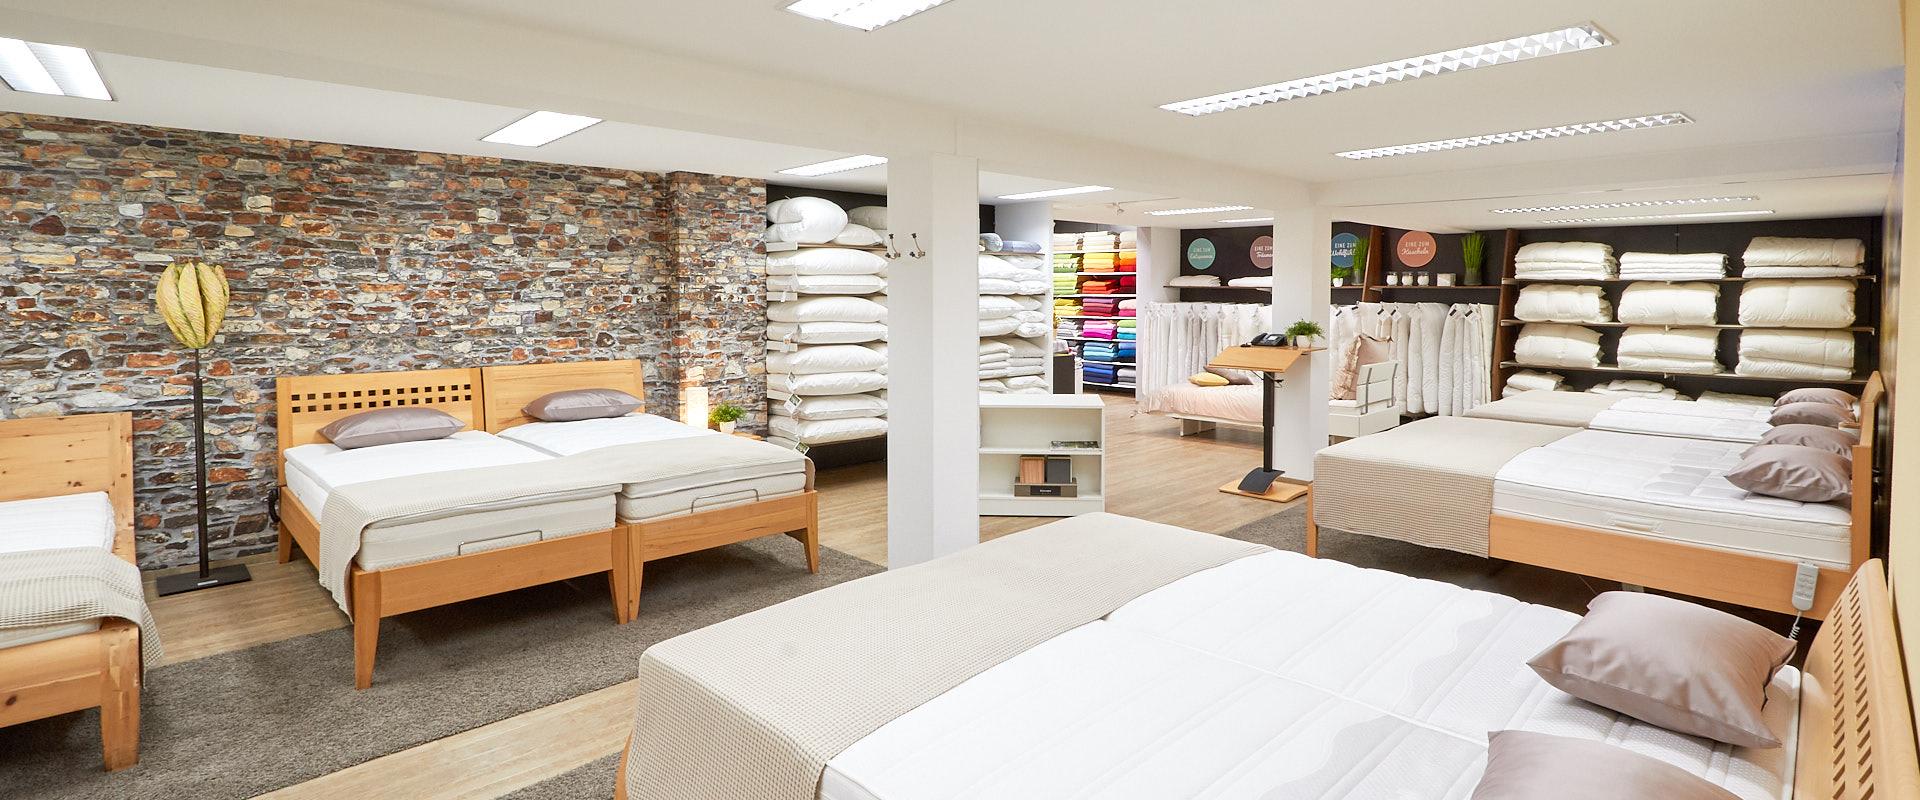 Full Size of Lippstadt Betten Veil Und Sie Schlafen Gesund Bett Www.betten.de